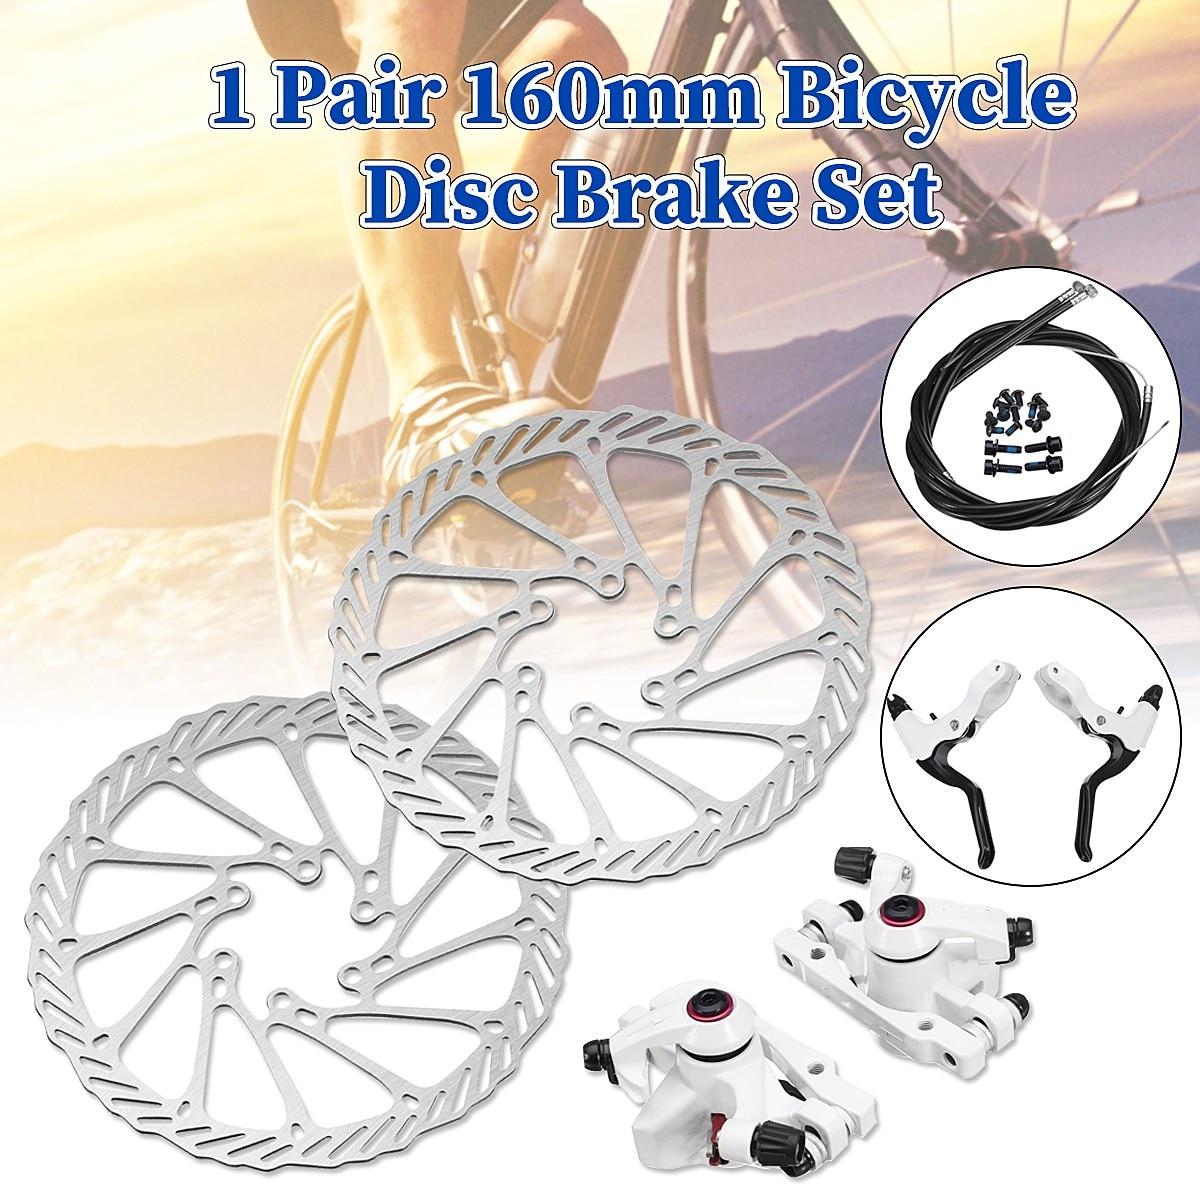 Jeu de freins à disque VTT frein à vélo frein à disque mécanique étrier avant étrier arrière 160mm ensemble de câbles de Rotor